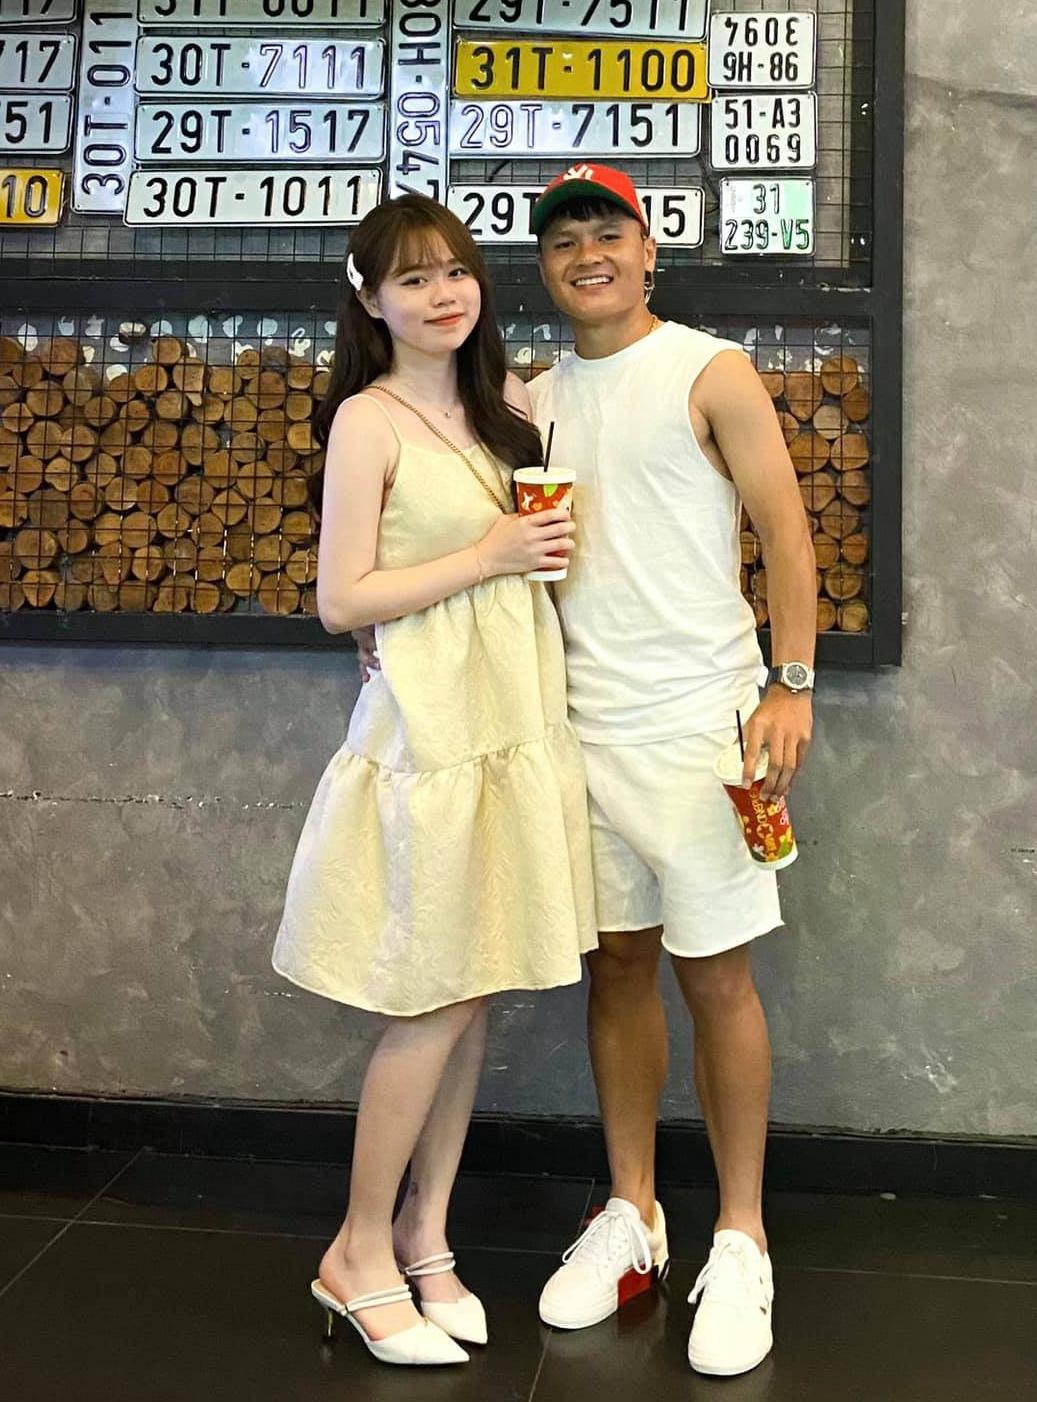 Quang Hải chia sẻ ảnh ngọt ngào trong ngày sinh nhật bạn gái.